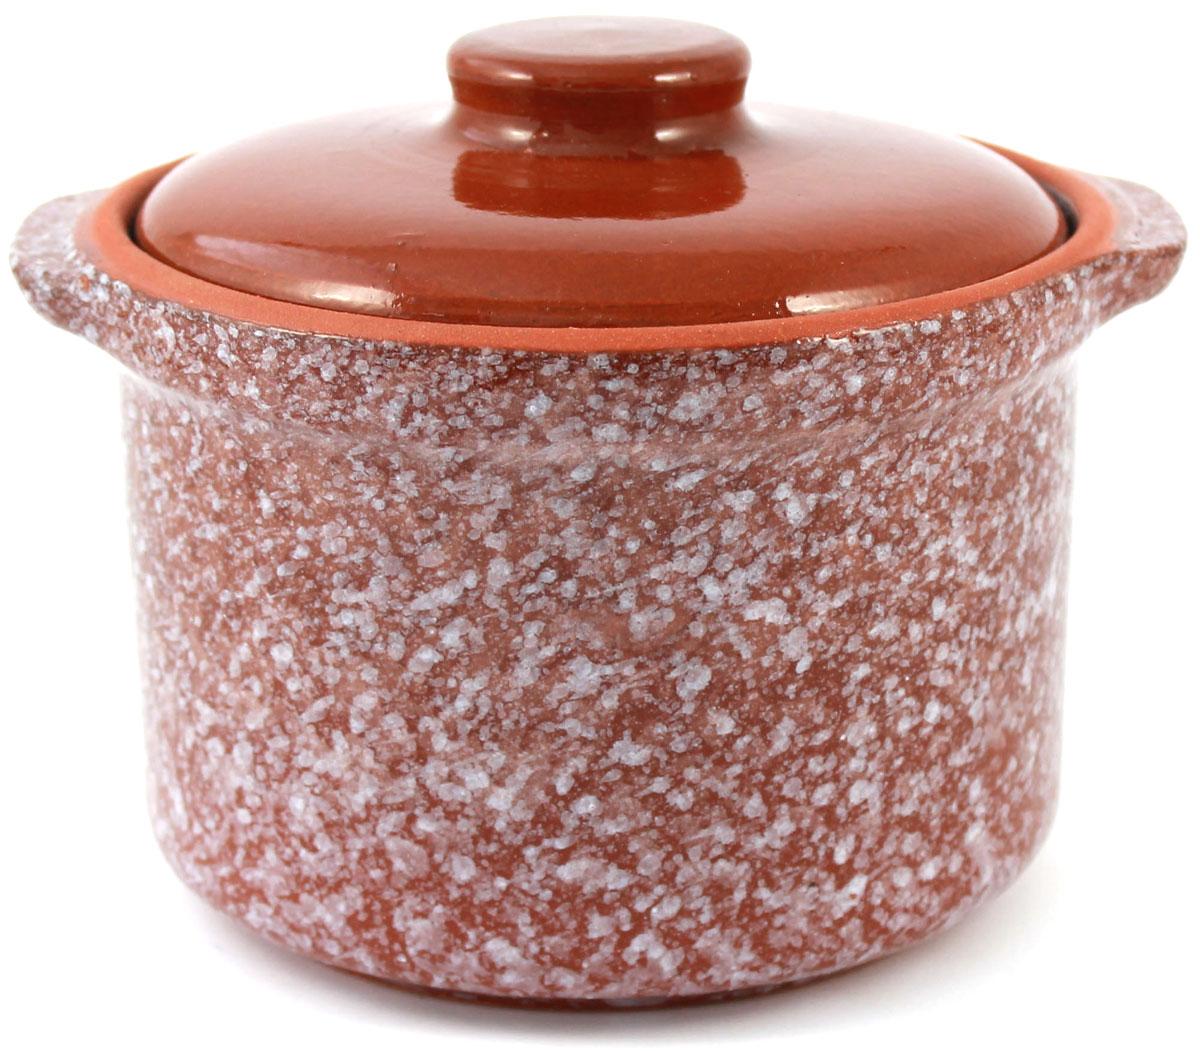 Горшок-сотейник Ломоносовская керамика, 0,6 л, мрамор. Цвет: коричневый. 1ГС3мк-41ГС3мк-4